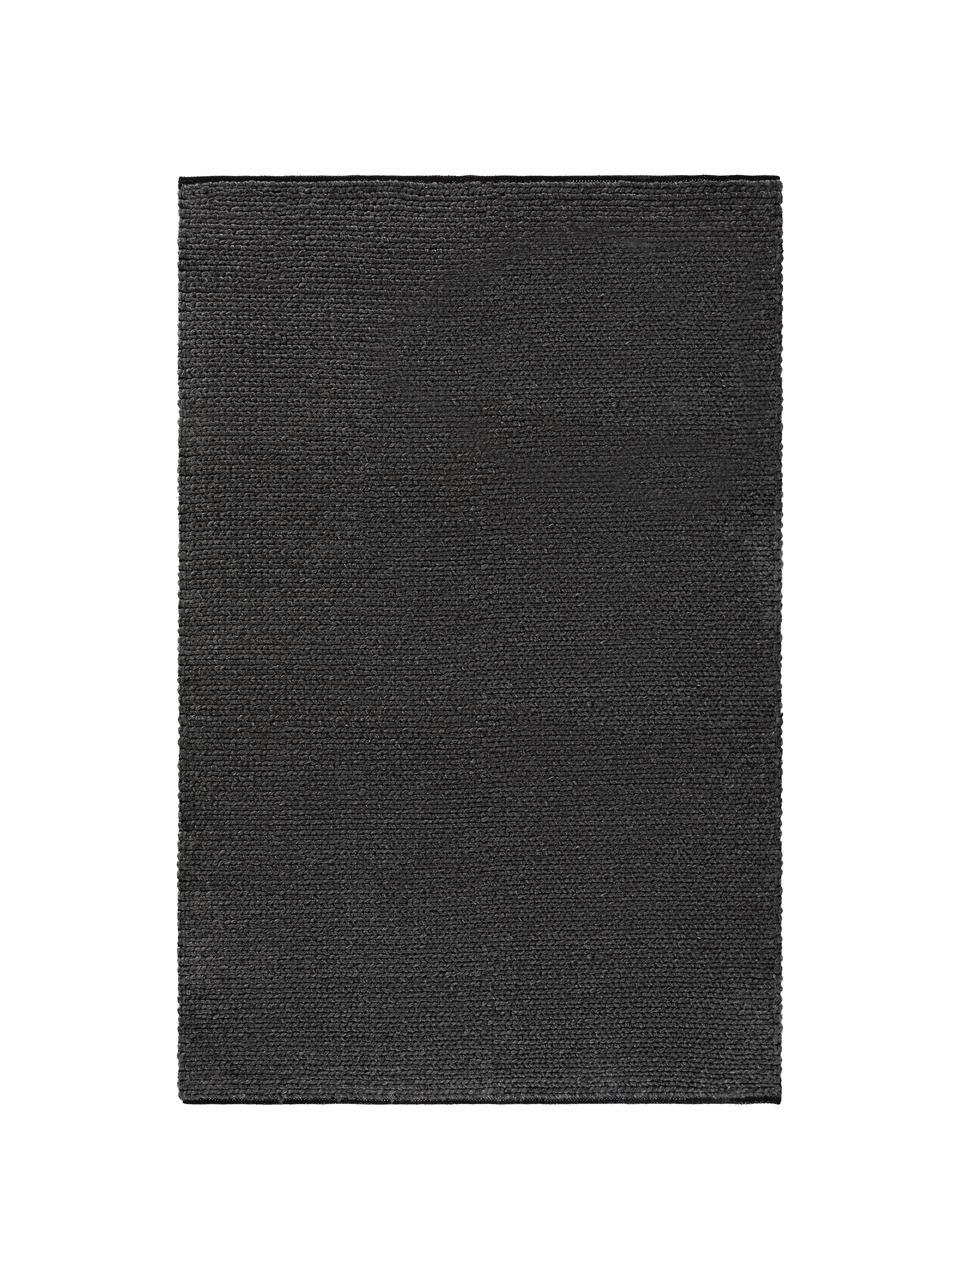 Handgewebter Wollteppich Uno in Dunkelgrau meliert mit geflochtener Struktur, 60% Wolle, 40% Polyester, Dunkelgrau, meliert, B 160 x L 230 cm (Größe M)